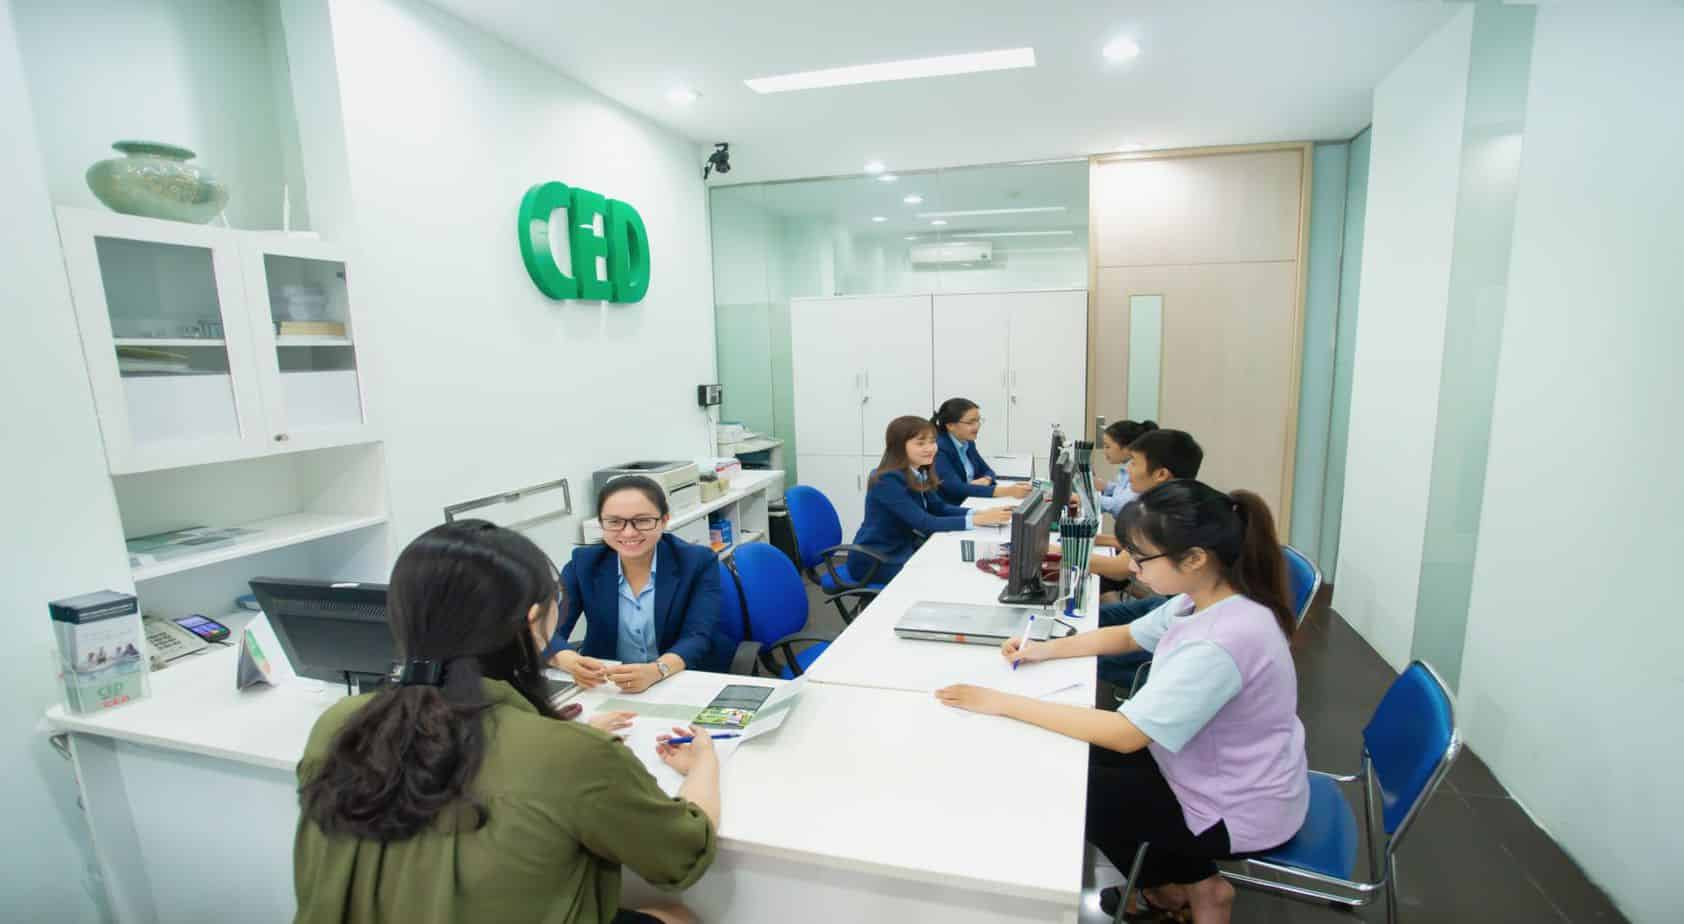 trung tâm đào tạo quản trị nhân sự